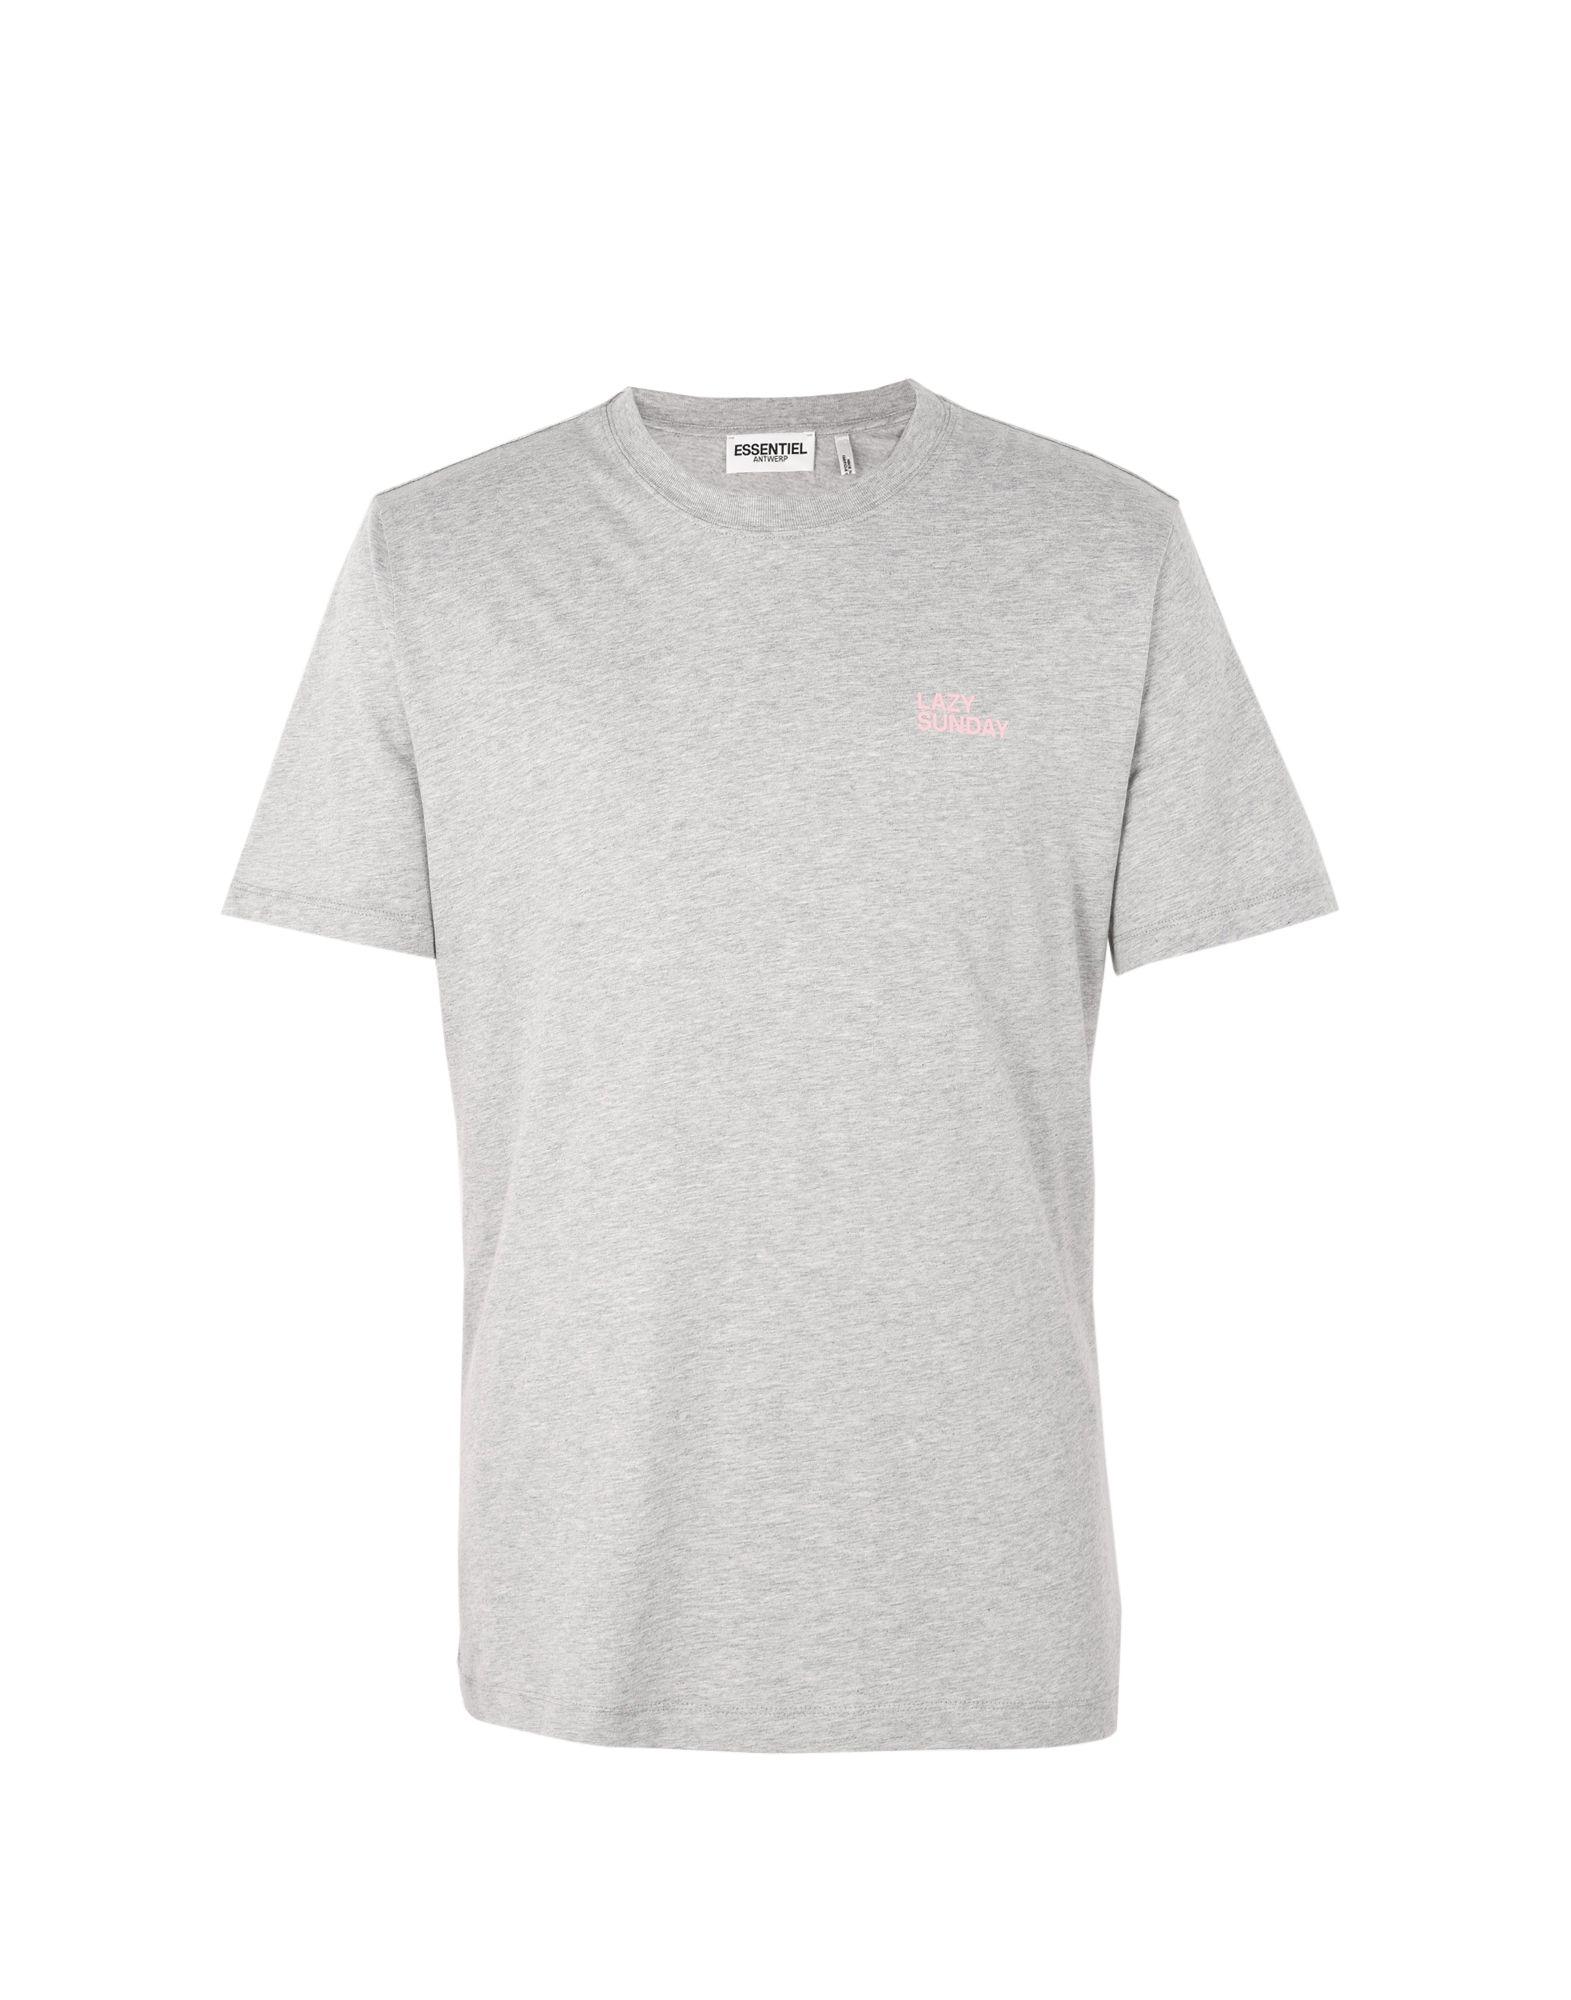 《送料無料》ESSENTIEL ANTWERP メンズ T シャツ ライトグレー S コットン 100% M-kiddy round neck t-shirt